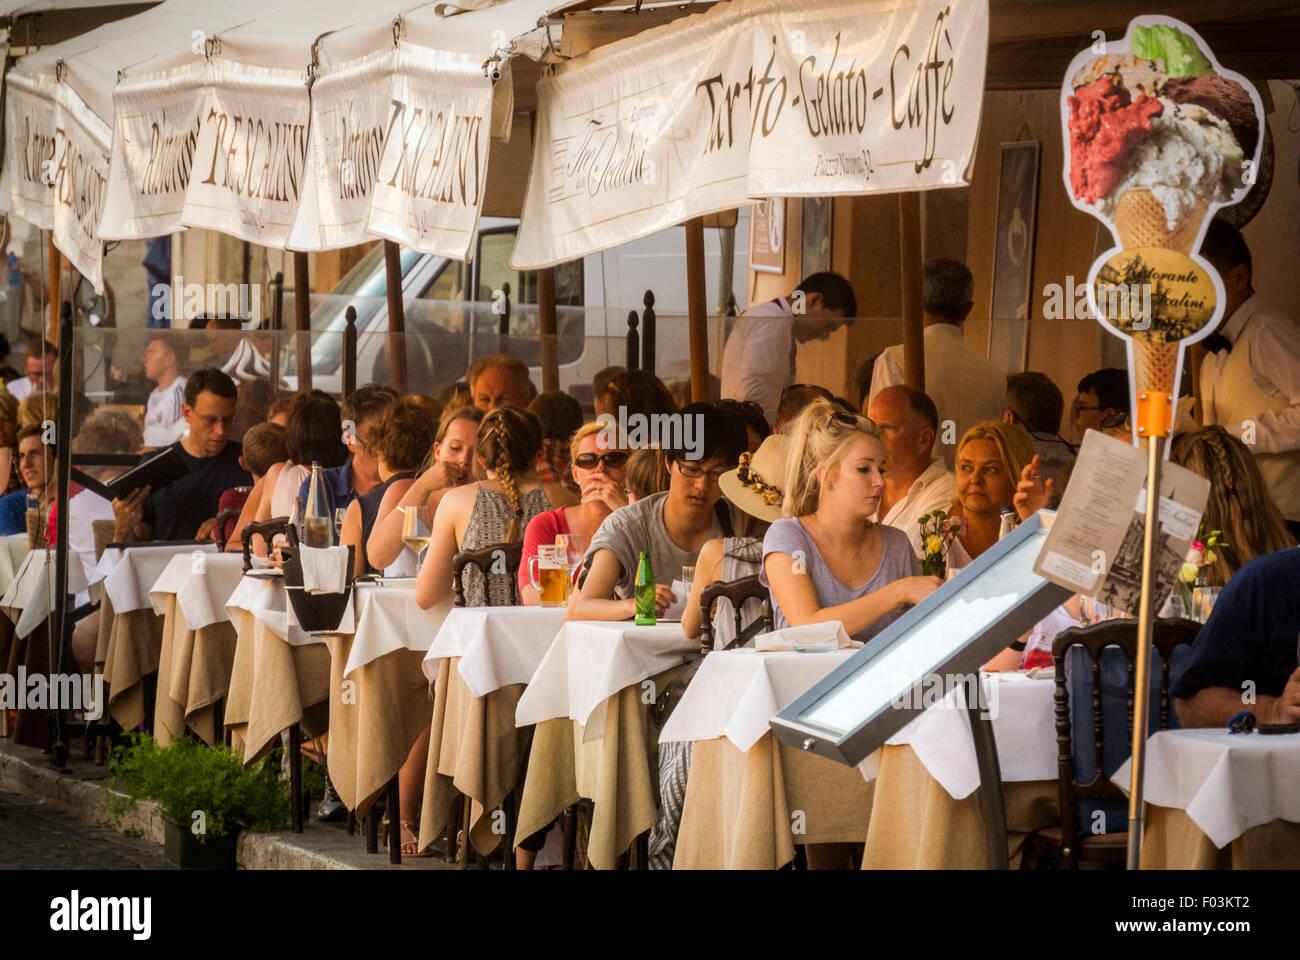 Les repas à l'extérieur. Rome, Italie. Photo Stock